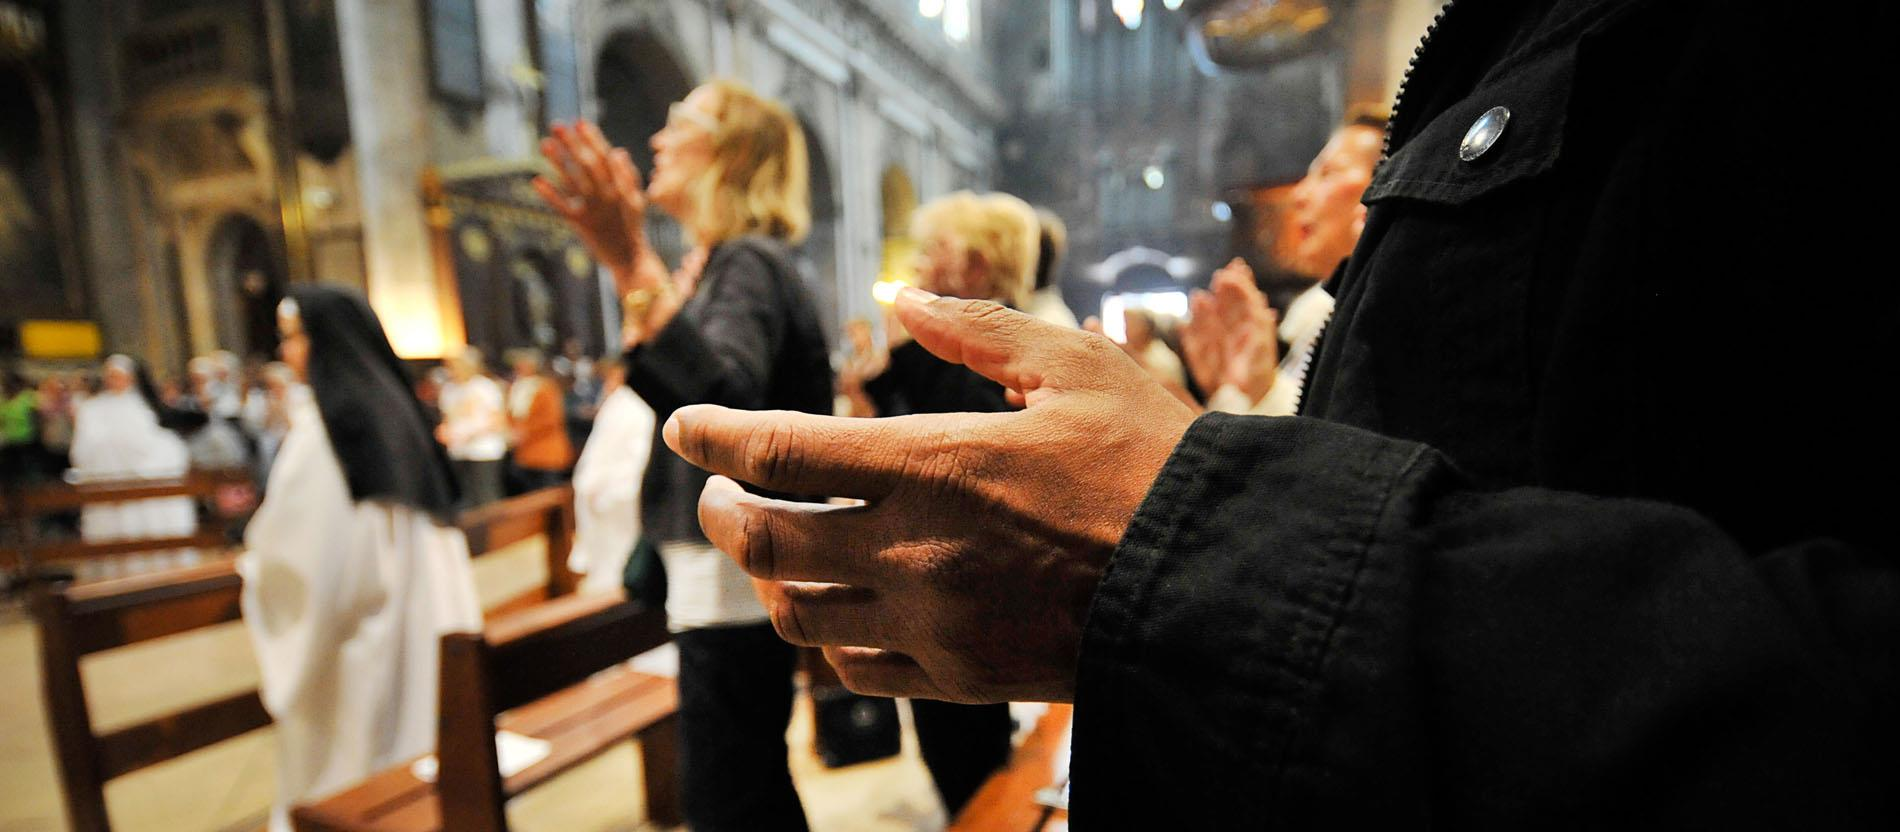 Katholische Kirche In Deutschland Kia Ceed Fuse Box Location Aus Datenschutzgrnden Vaterunser Wird Gendert